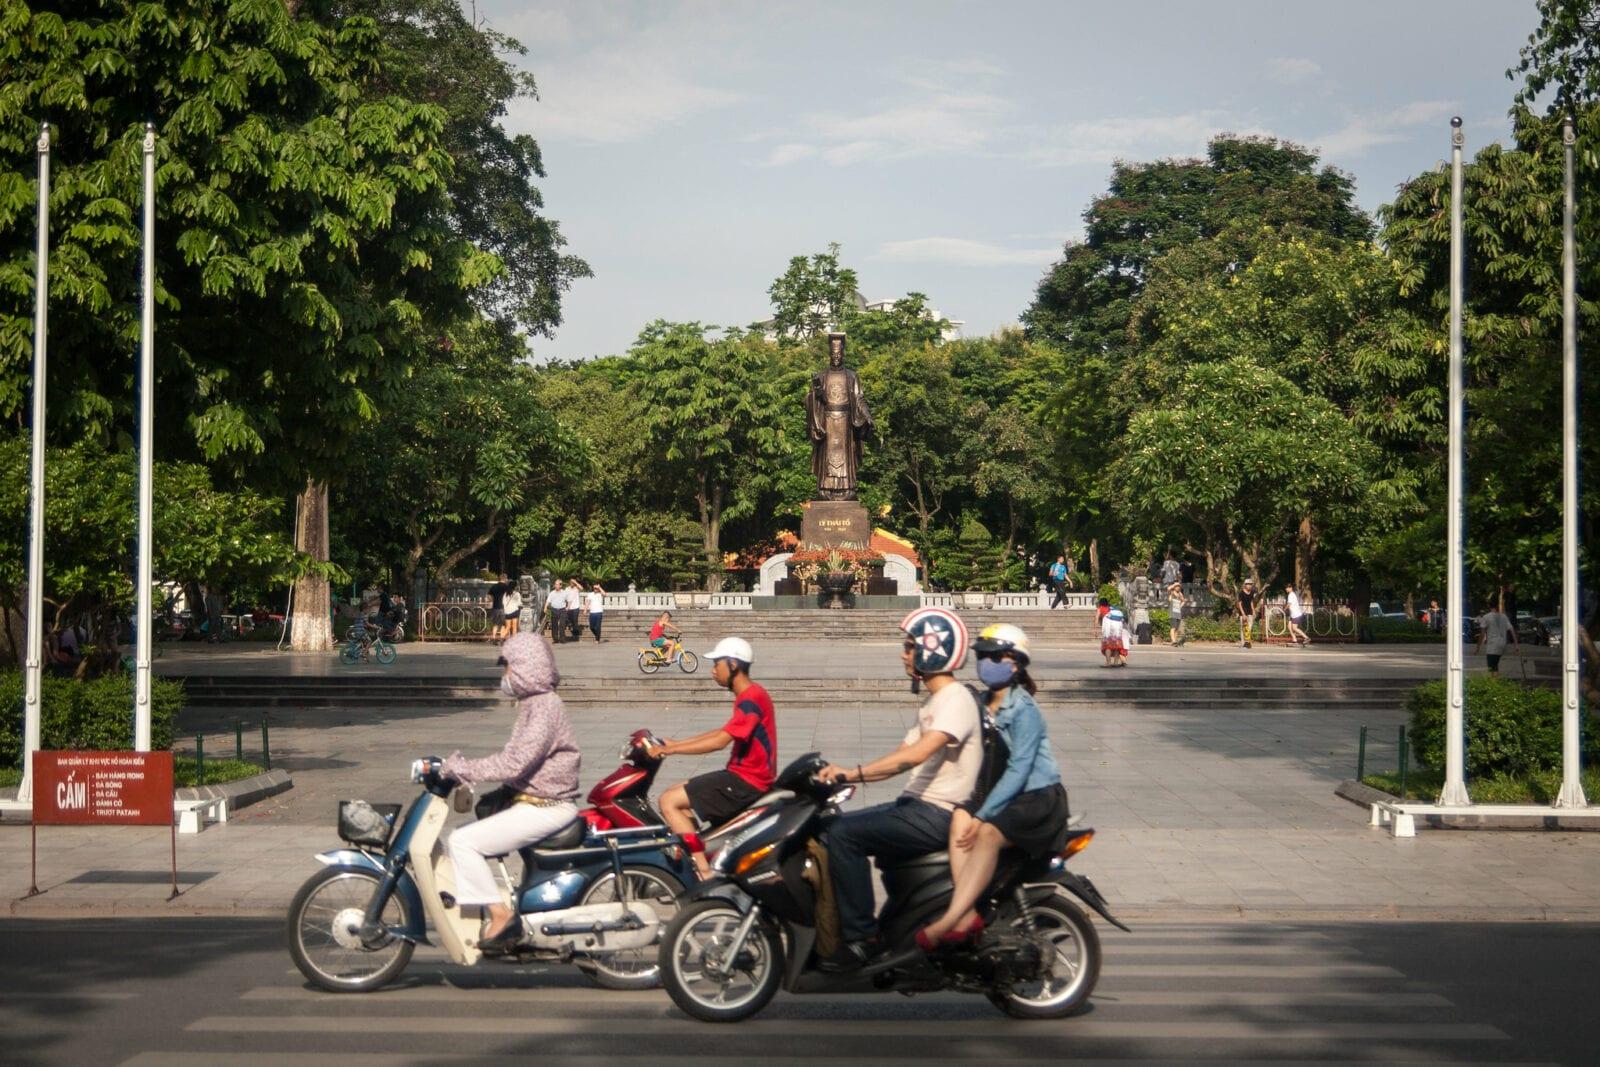 Image of motorbike riders in Hanoi